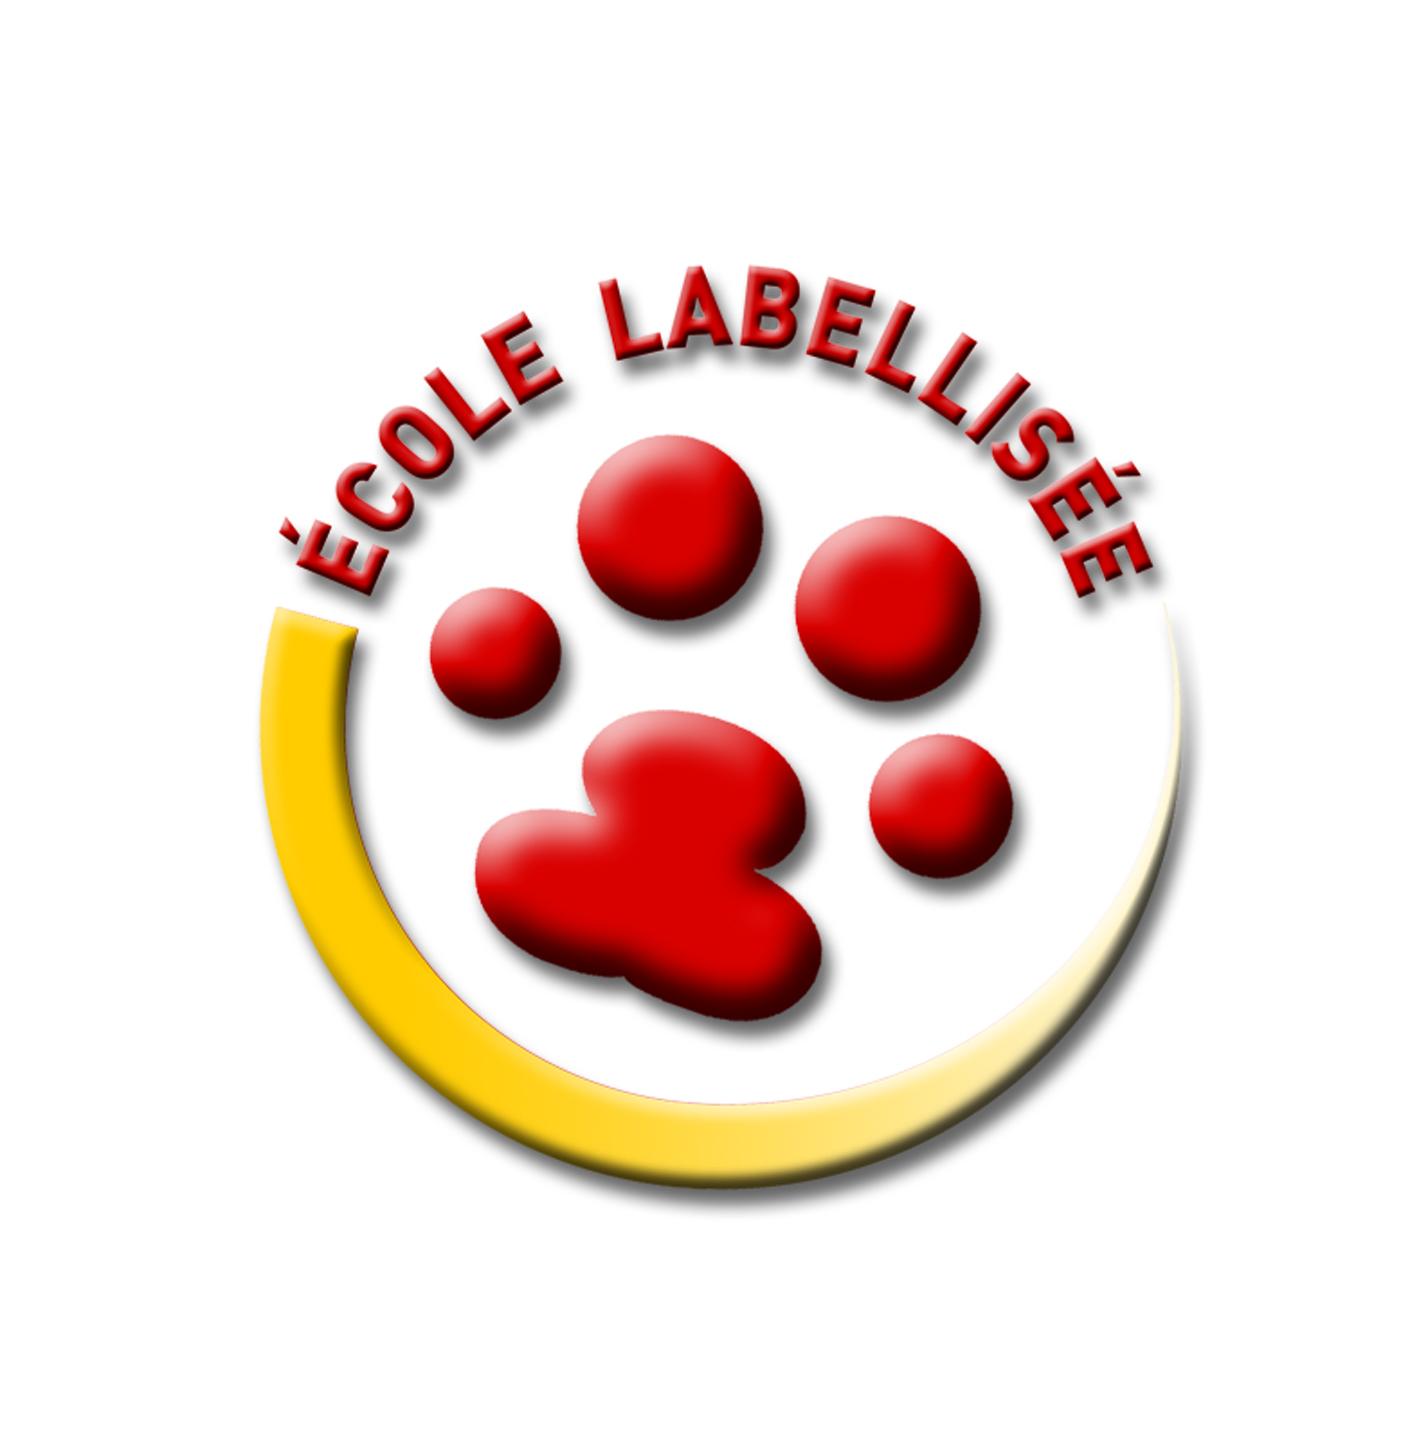 École de chiens guides labellisée par arrêté préfectoral